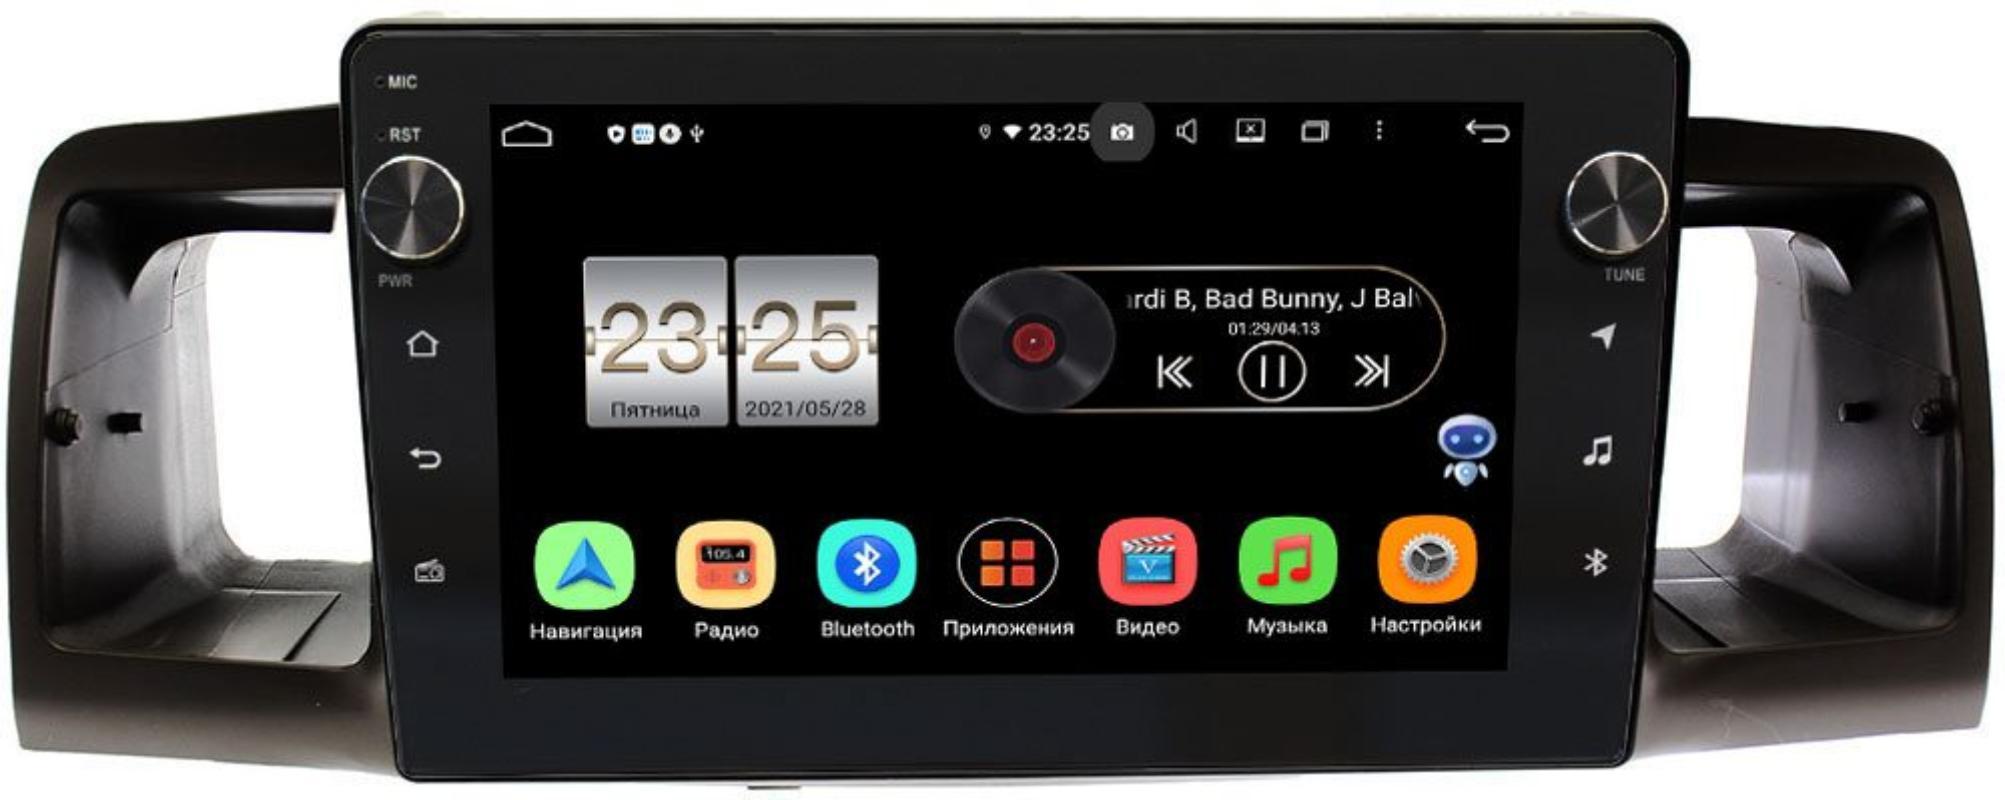 Штатная магнитола Toyota Corolla IX 2000-2007 LeTrun BPX409-9074 на Android 10 (4/32, DSP, IPS, с голосовым ассистентом, с крутилками) (+ Камера заднего вида в подарок!)